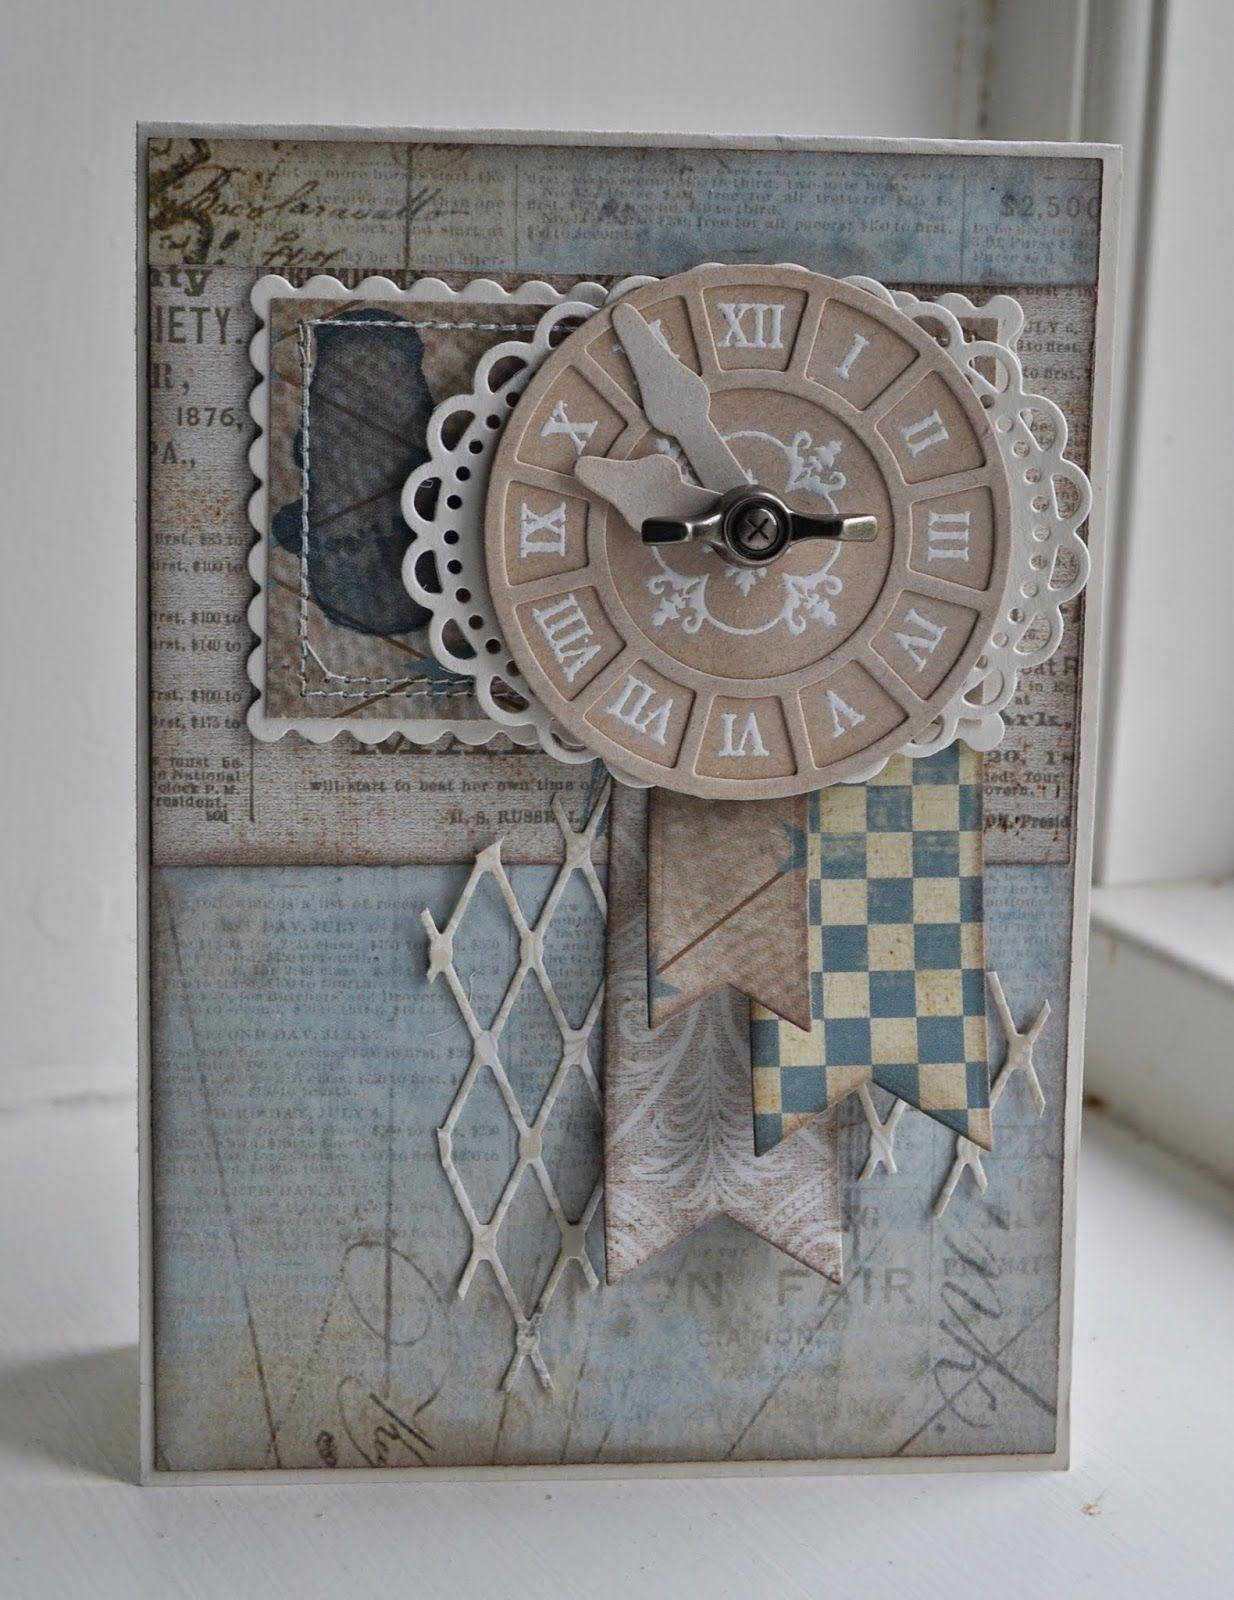 card MFT clock  Time pieces clockface Timeless stamp set MFT dienamics Time Pieces die set Riddersholm Design: Tailgate Markd *Kort* - Gitte blomsterbox fishnet cover up